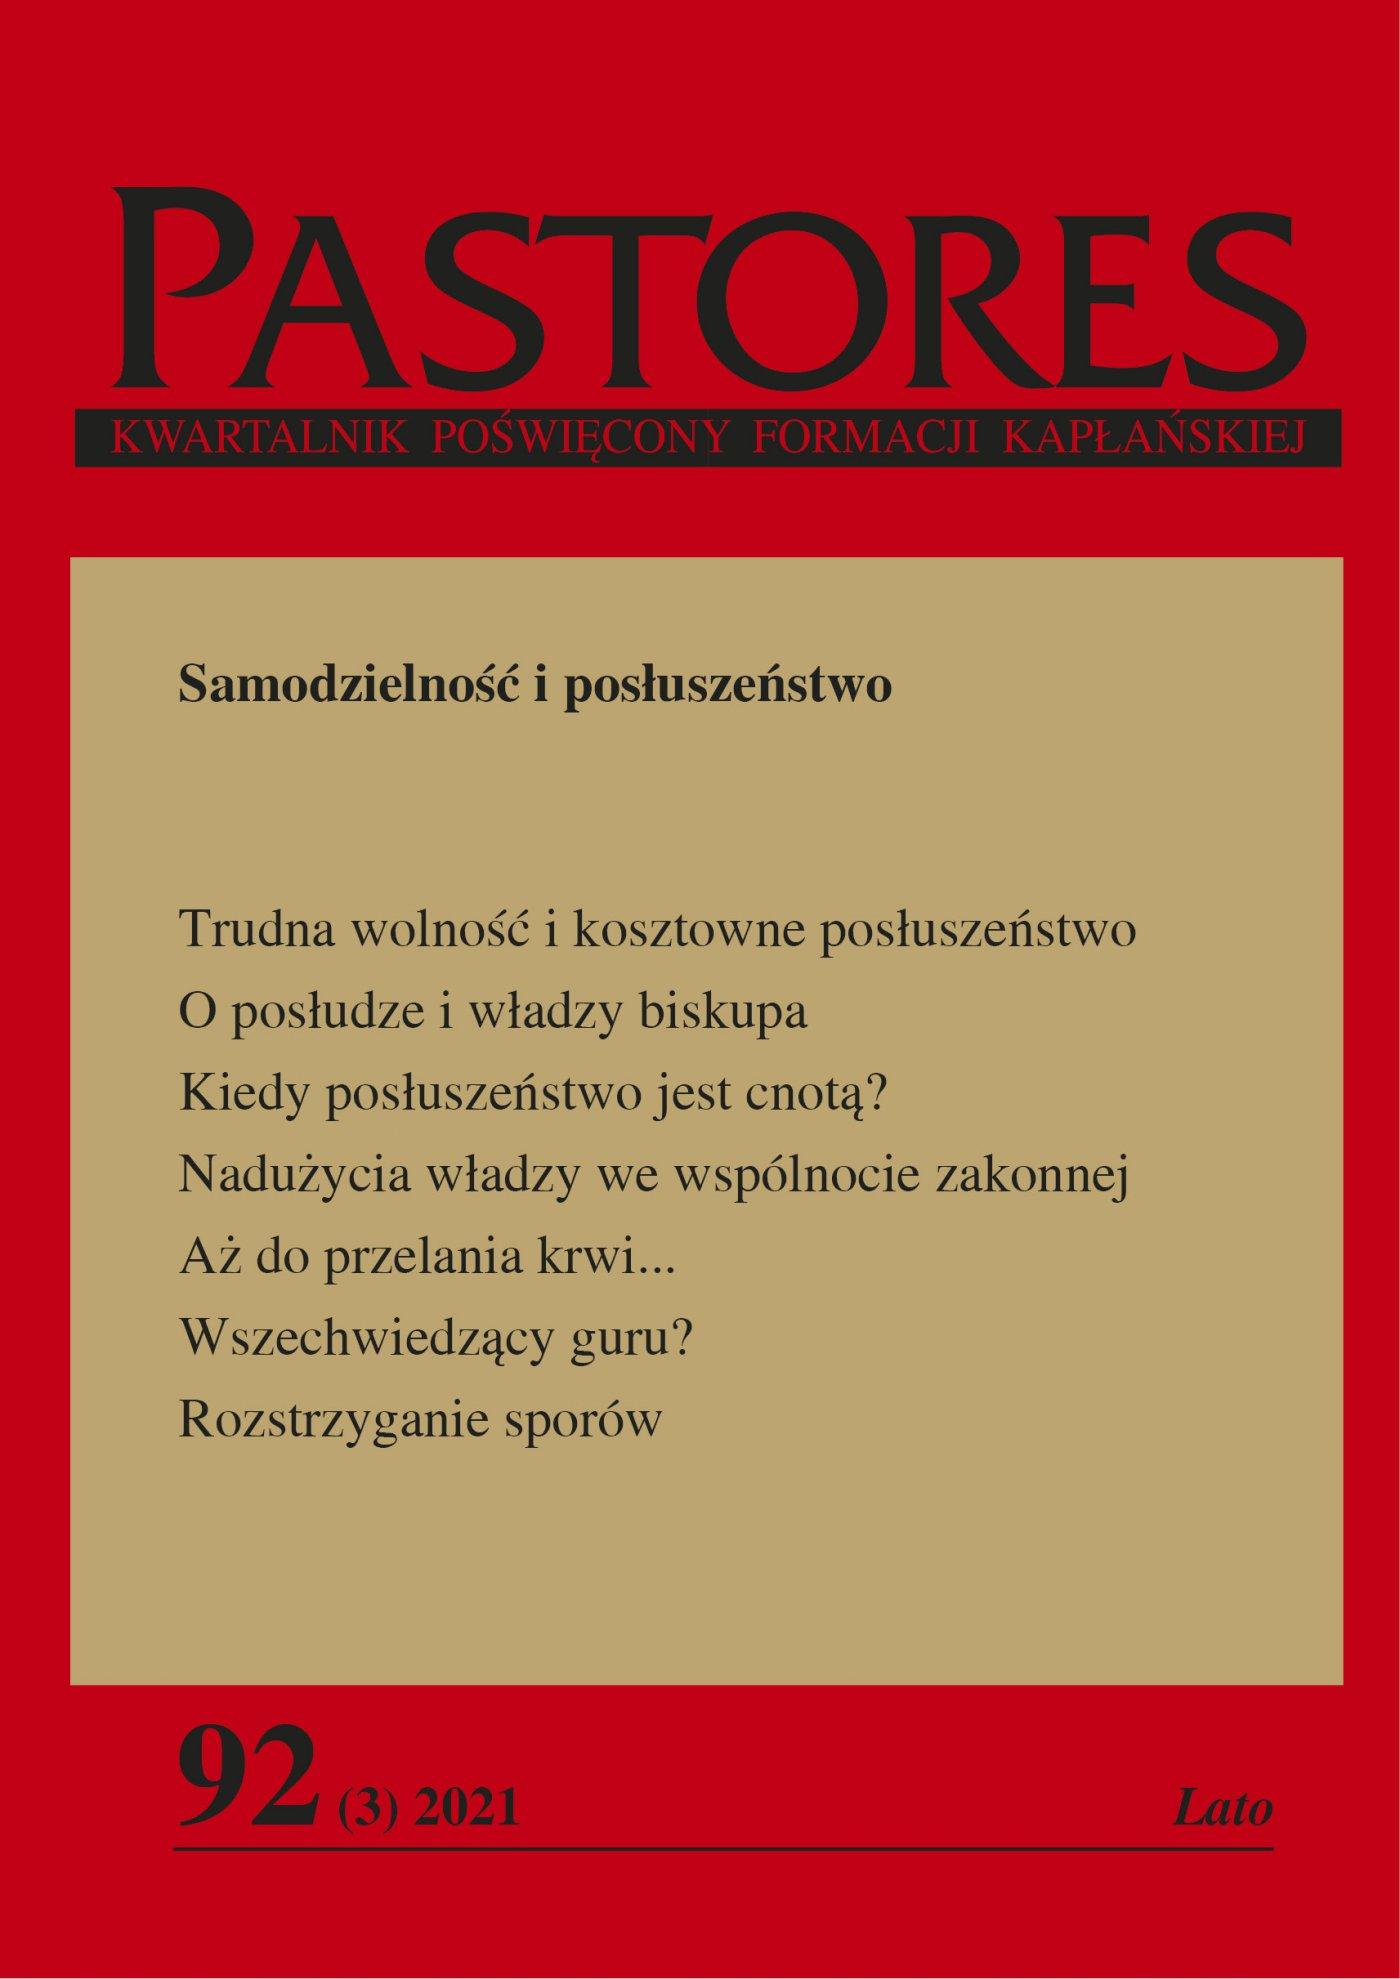 Pastores 92 (3) 2021 - Ebook (Książka EPUB) do pobrania w formacie EPUB